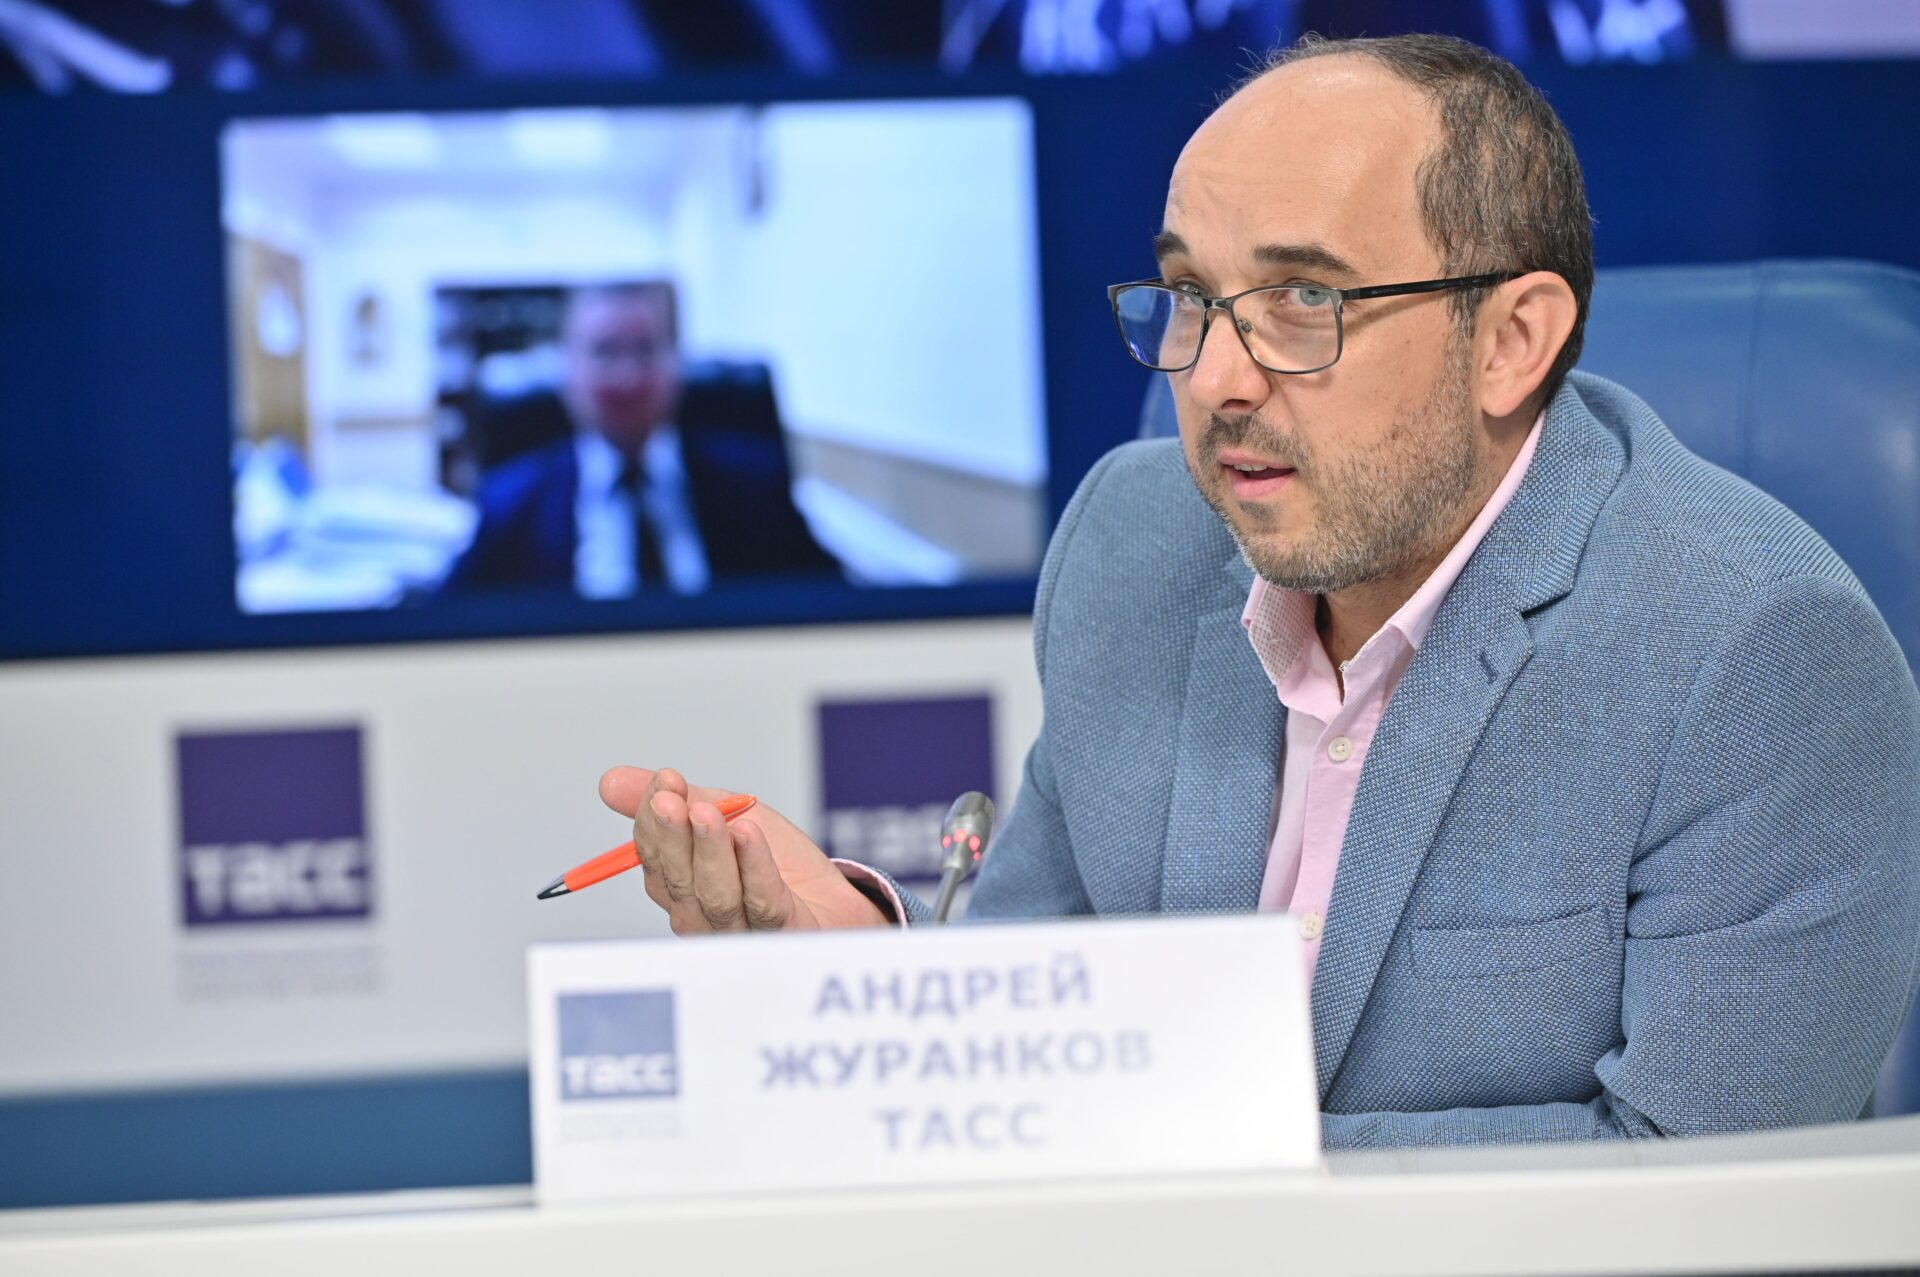 Пресс-конференция по итогам первого этапа конкурса СОТ: Журанков Андрей, руководитель аналитической группы пресс-центра ТАСС